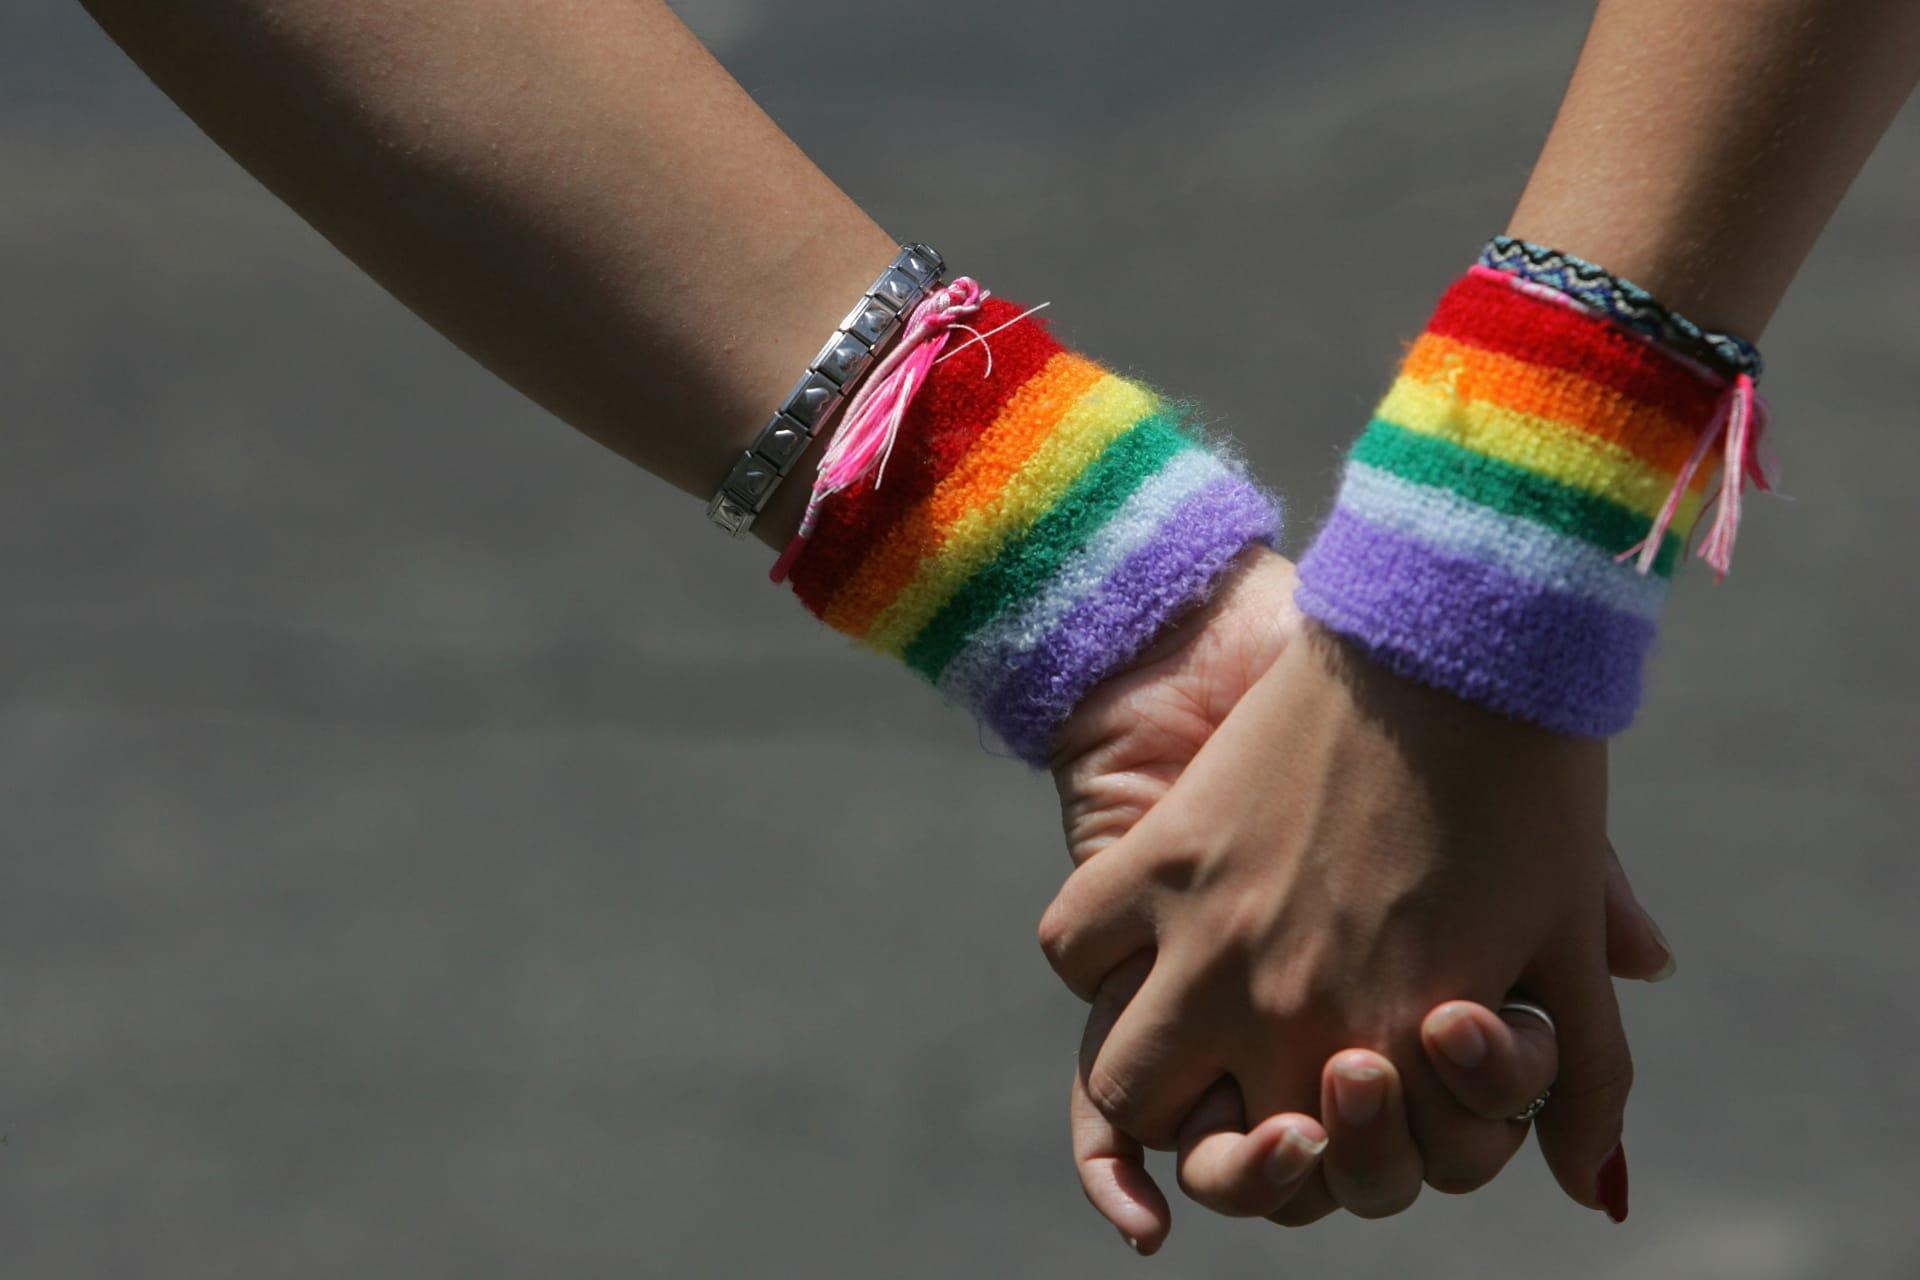 الحكم على ستة طلبة مثليين في تونس بالسجن والإبعاد عن مدنهم لخمس سنوات